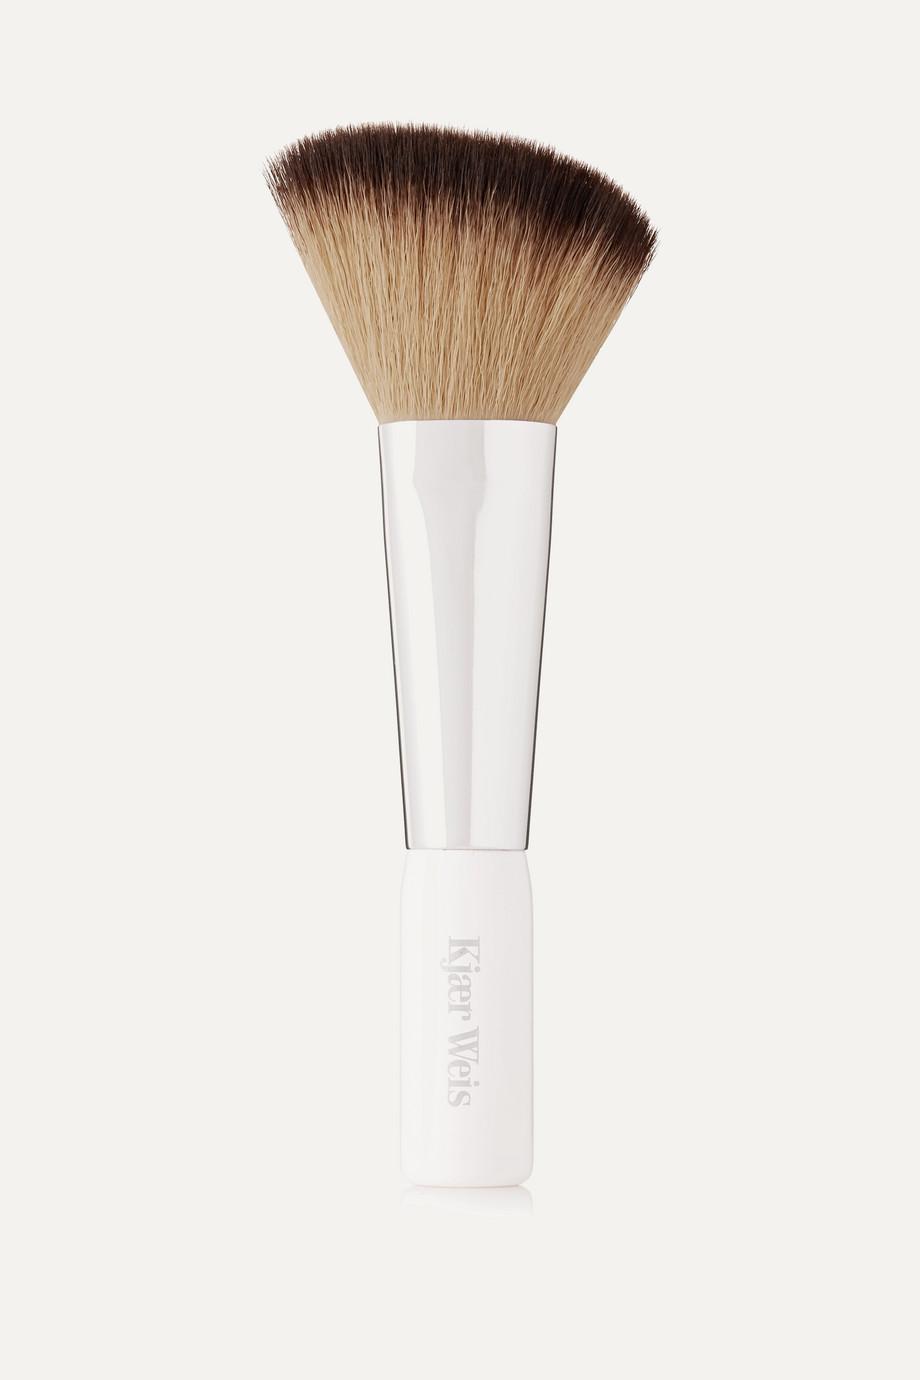 Kjaer Weis Powder Brush